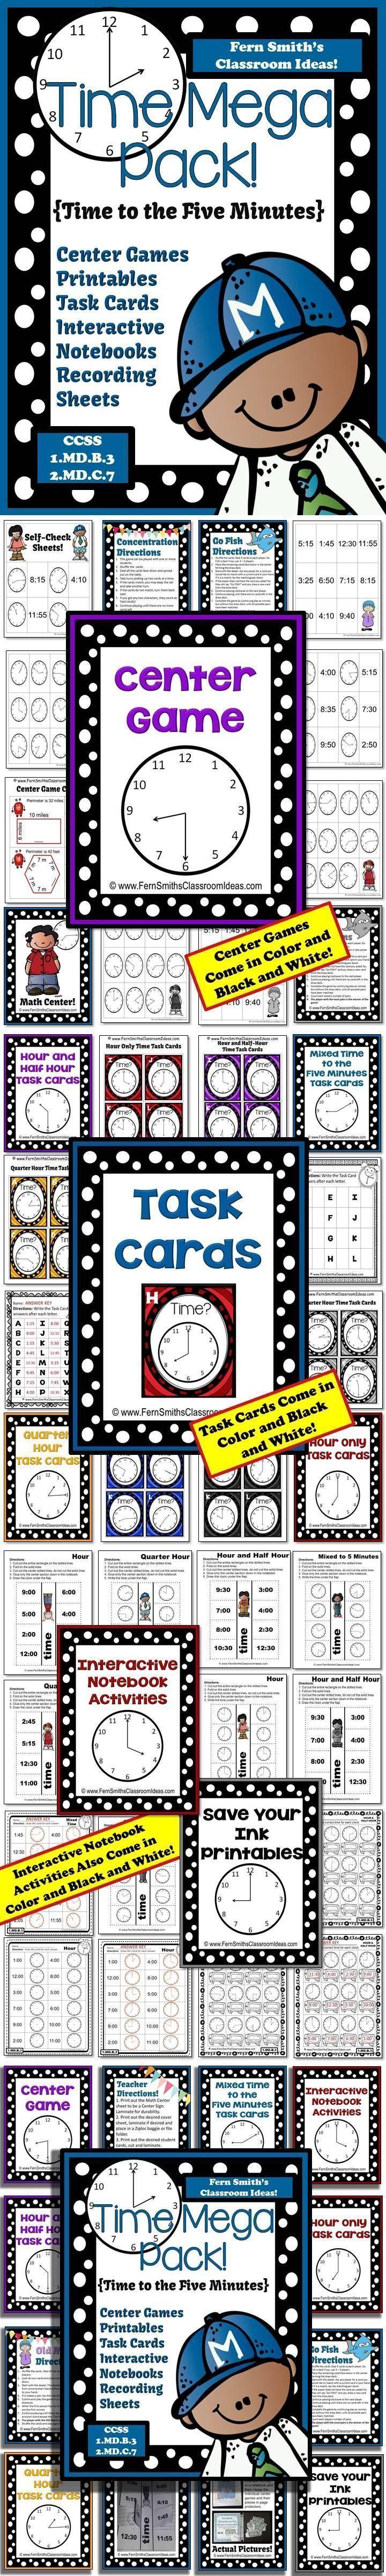 Time Mega Pack - Printables, Center Games, Task Cards, Recording Sheets